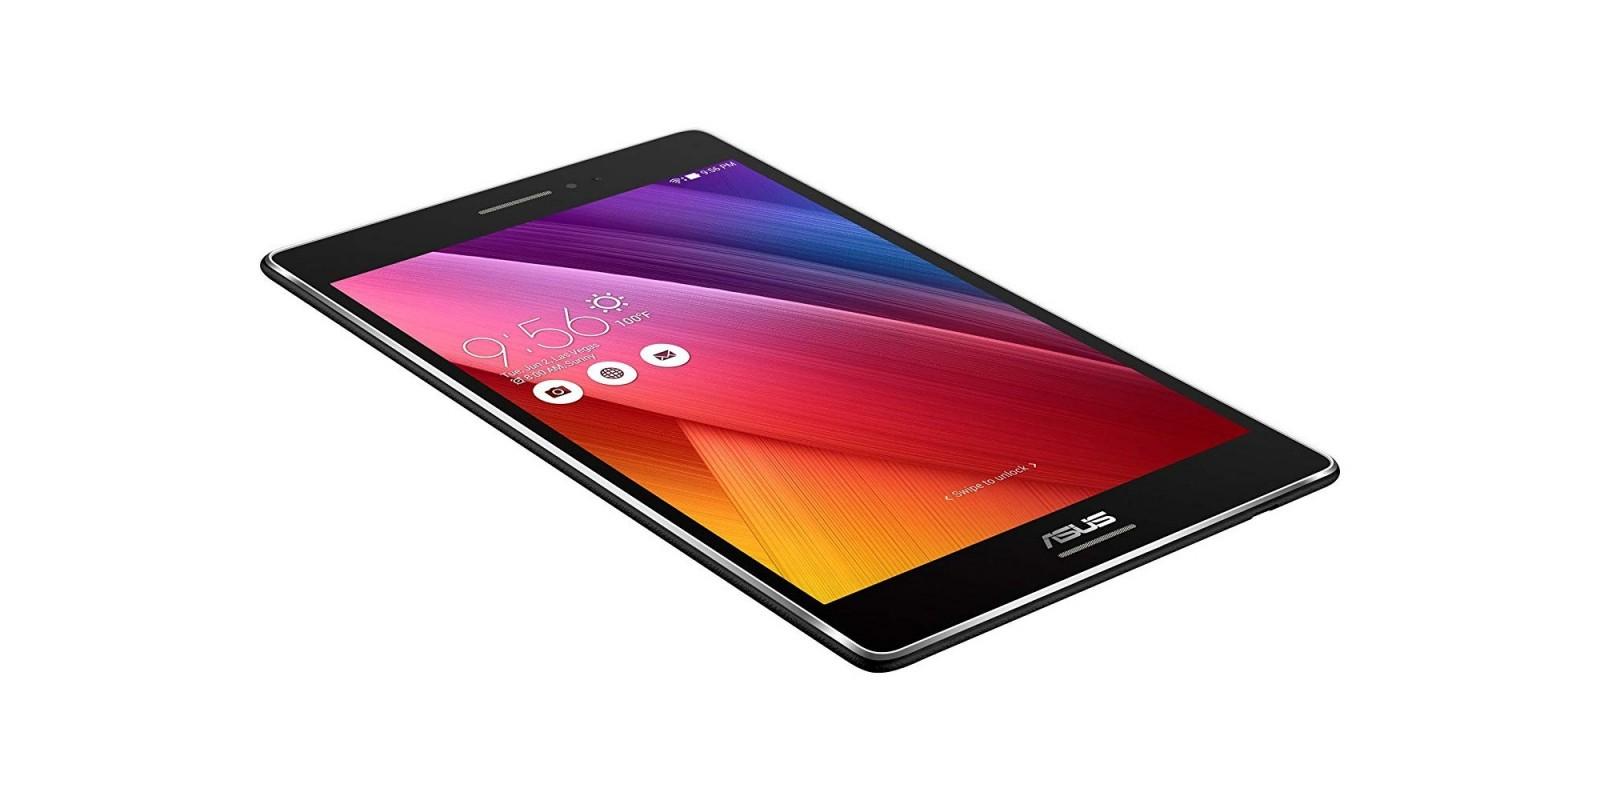 ASUS ZenPad S 8 – Top Down